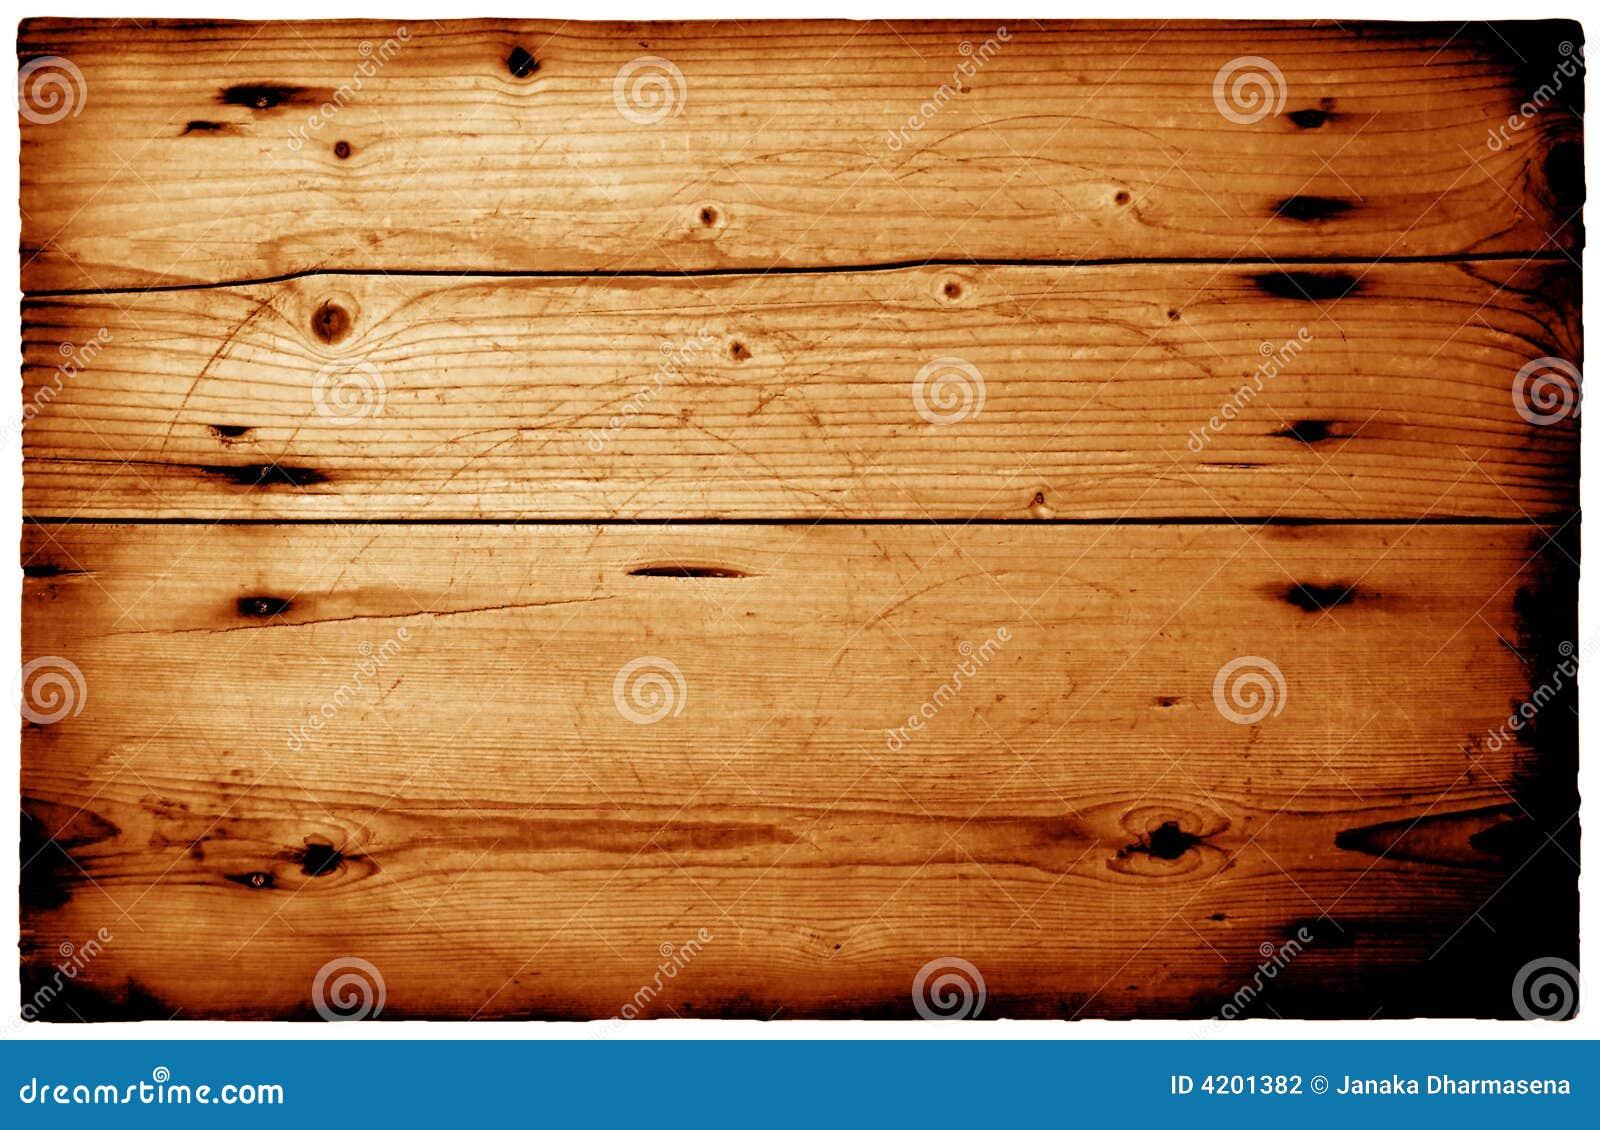 Textura De Madeira Fotografia de Stock Imagem: 4201382 #8E340A 1300x935